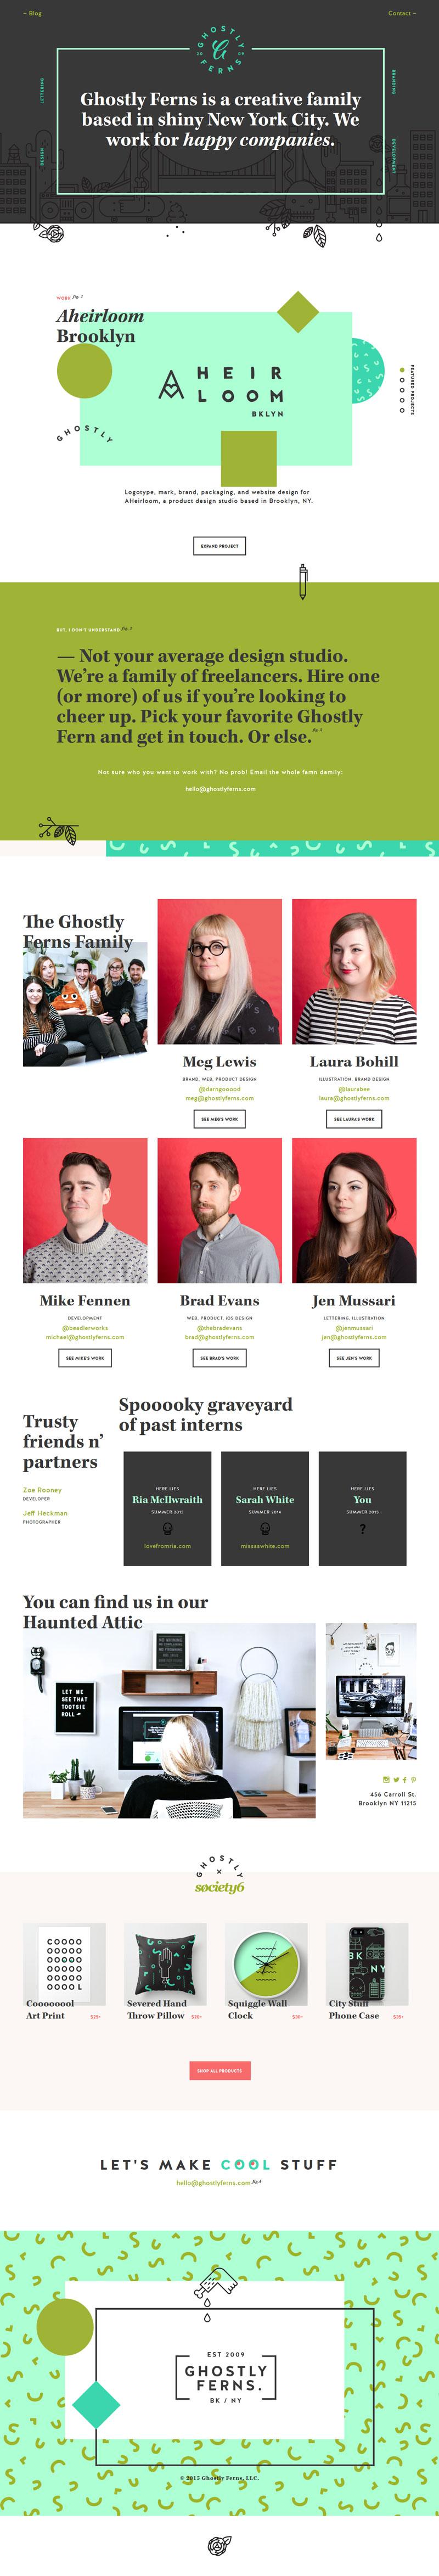 Ghostly Ferns - Creative Minimal Web Design